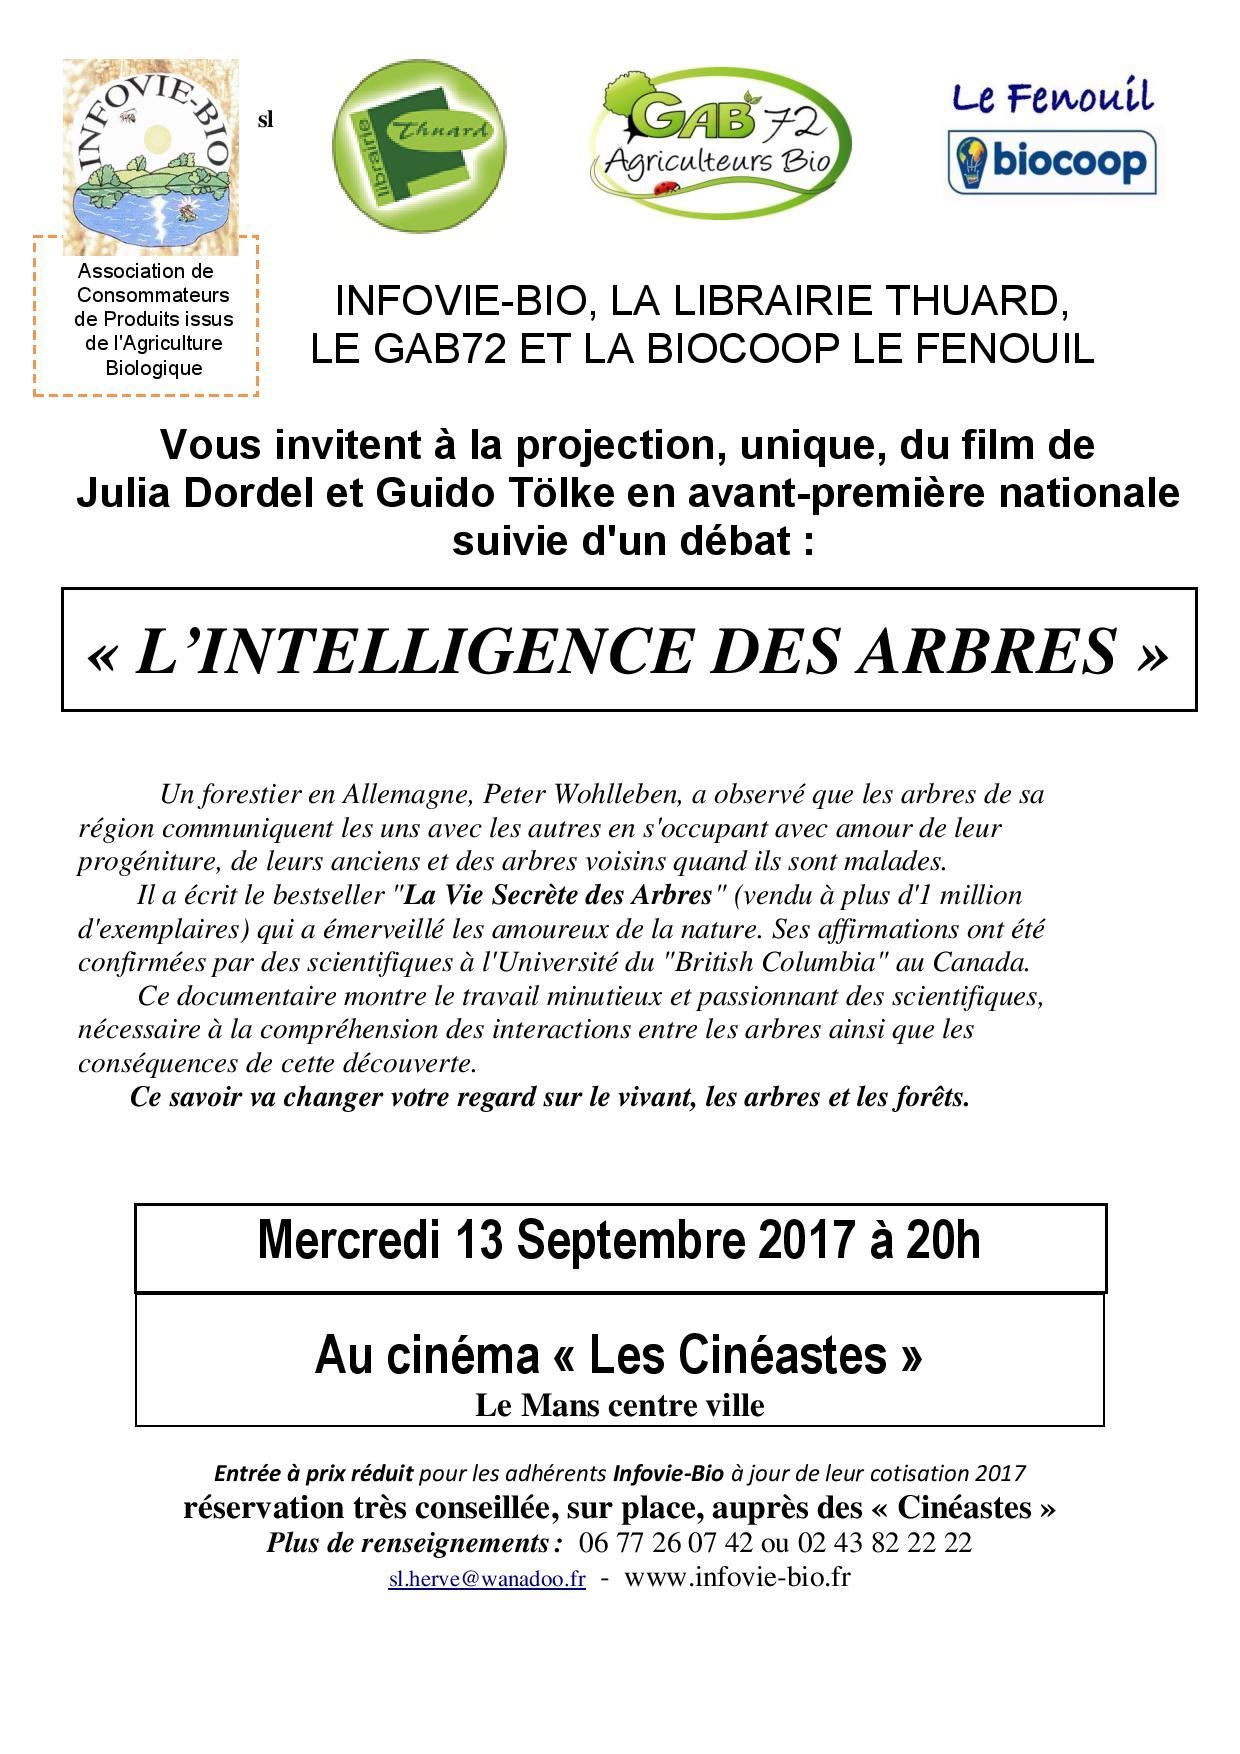 affiche_film__l_intelligence_des_arbres-page-001.jpg